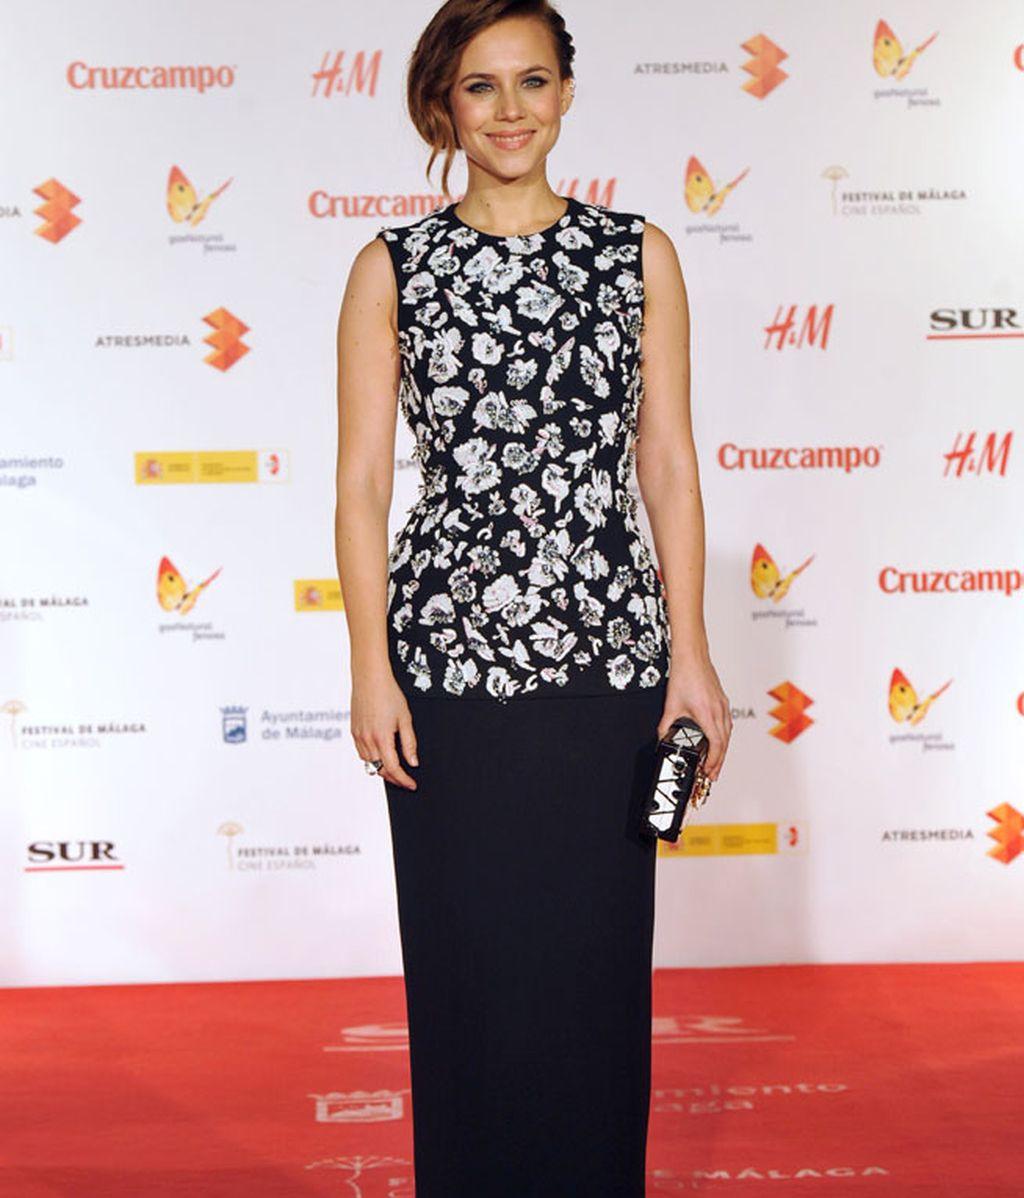 Aura Garrido lució un vestido negro con cuerpo con bordados florales con pedrería de Dior